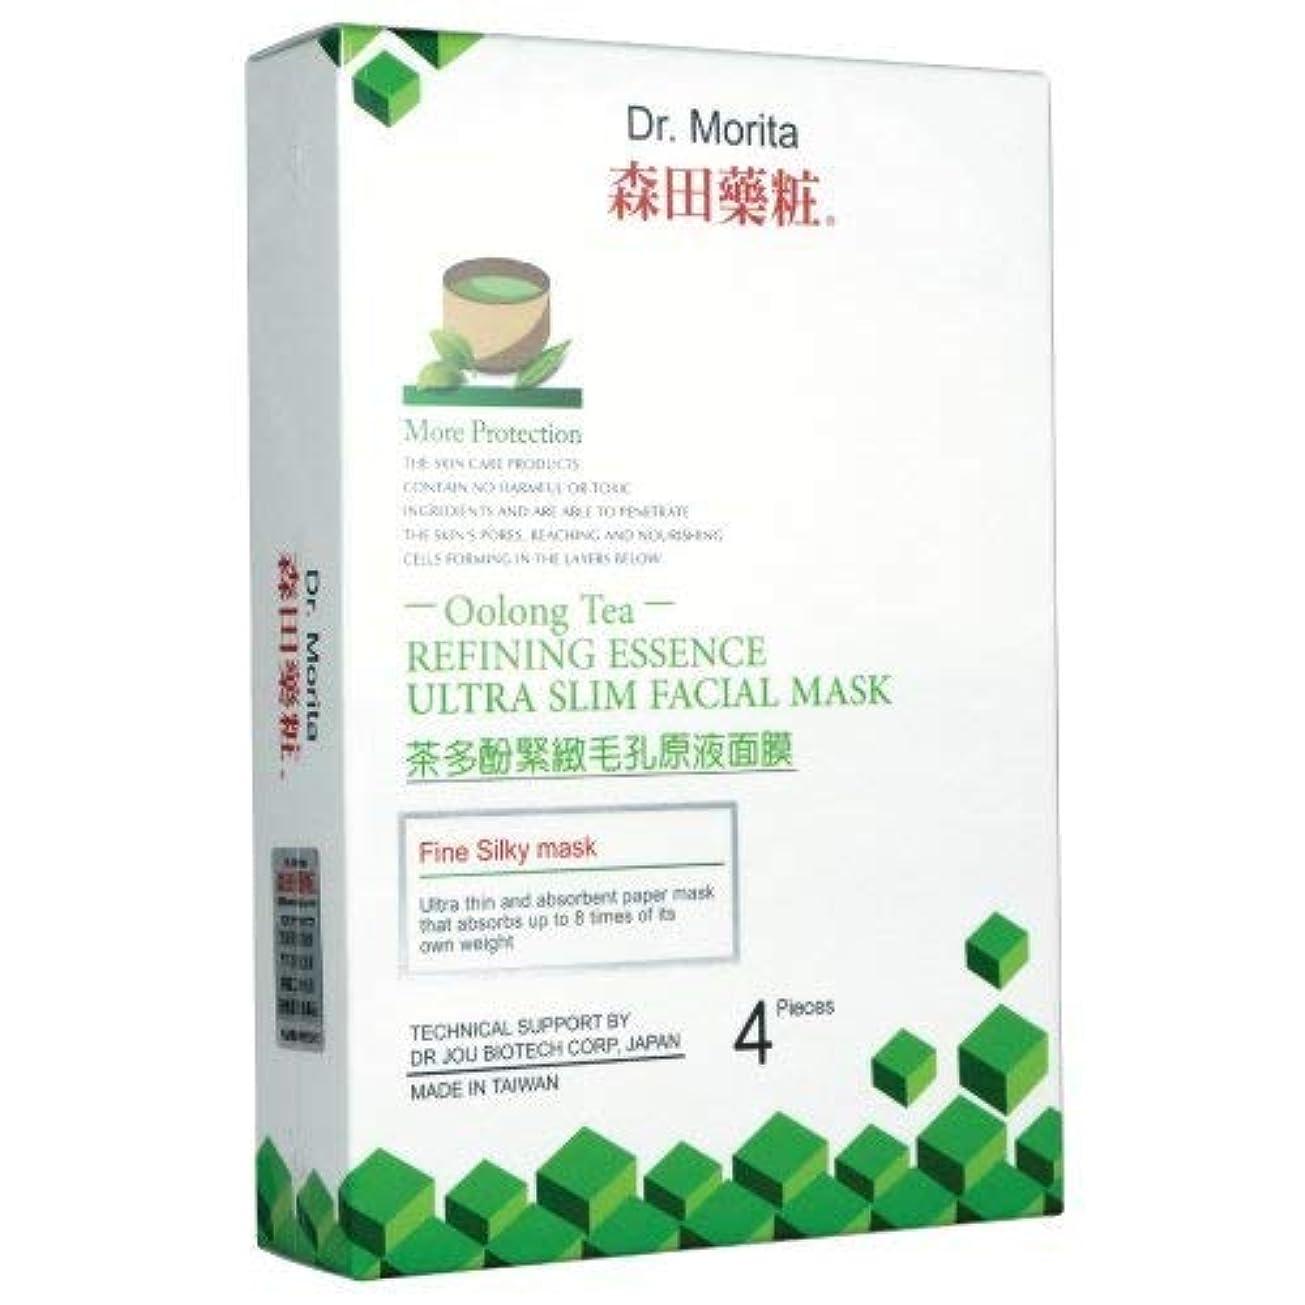 メディカルアラーム運営Doctor Morita (ウーロン茶)洗練されたエッセンス超スリムフェイシャルマスクは4肌を修復し、目に見える毛穴を引き締め、肌の質感の向上に役立ちます。